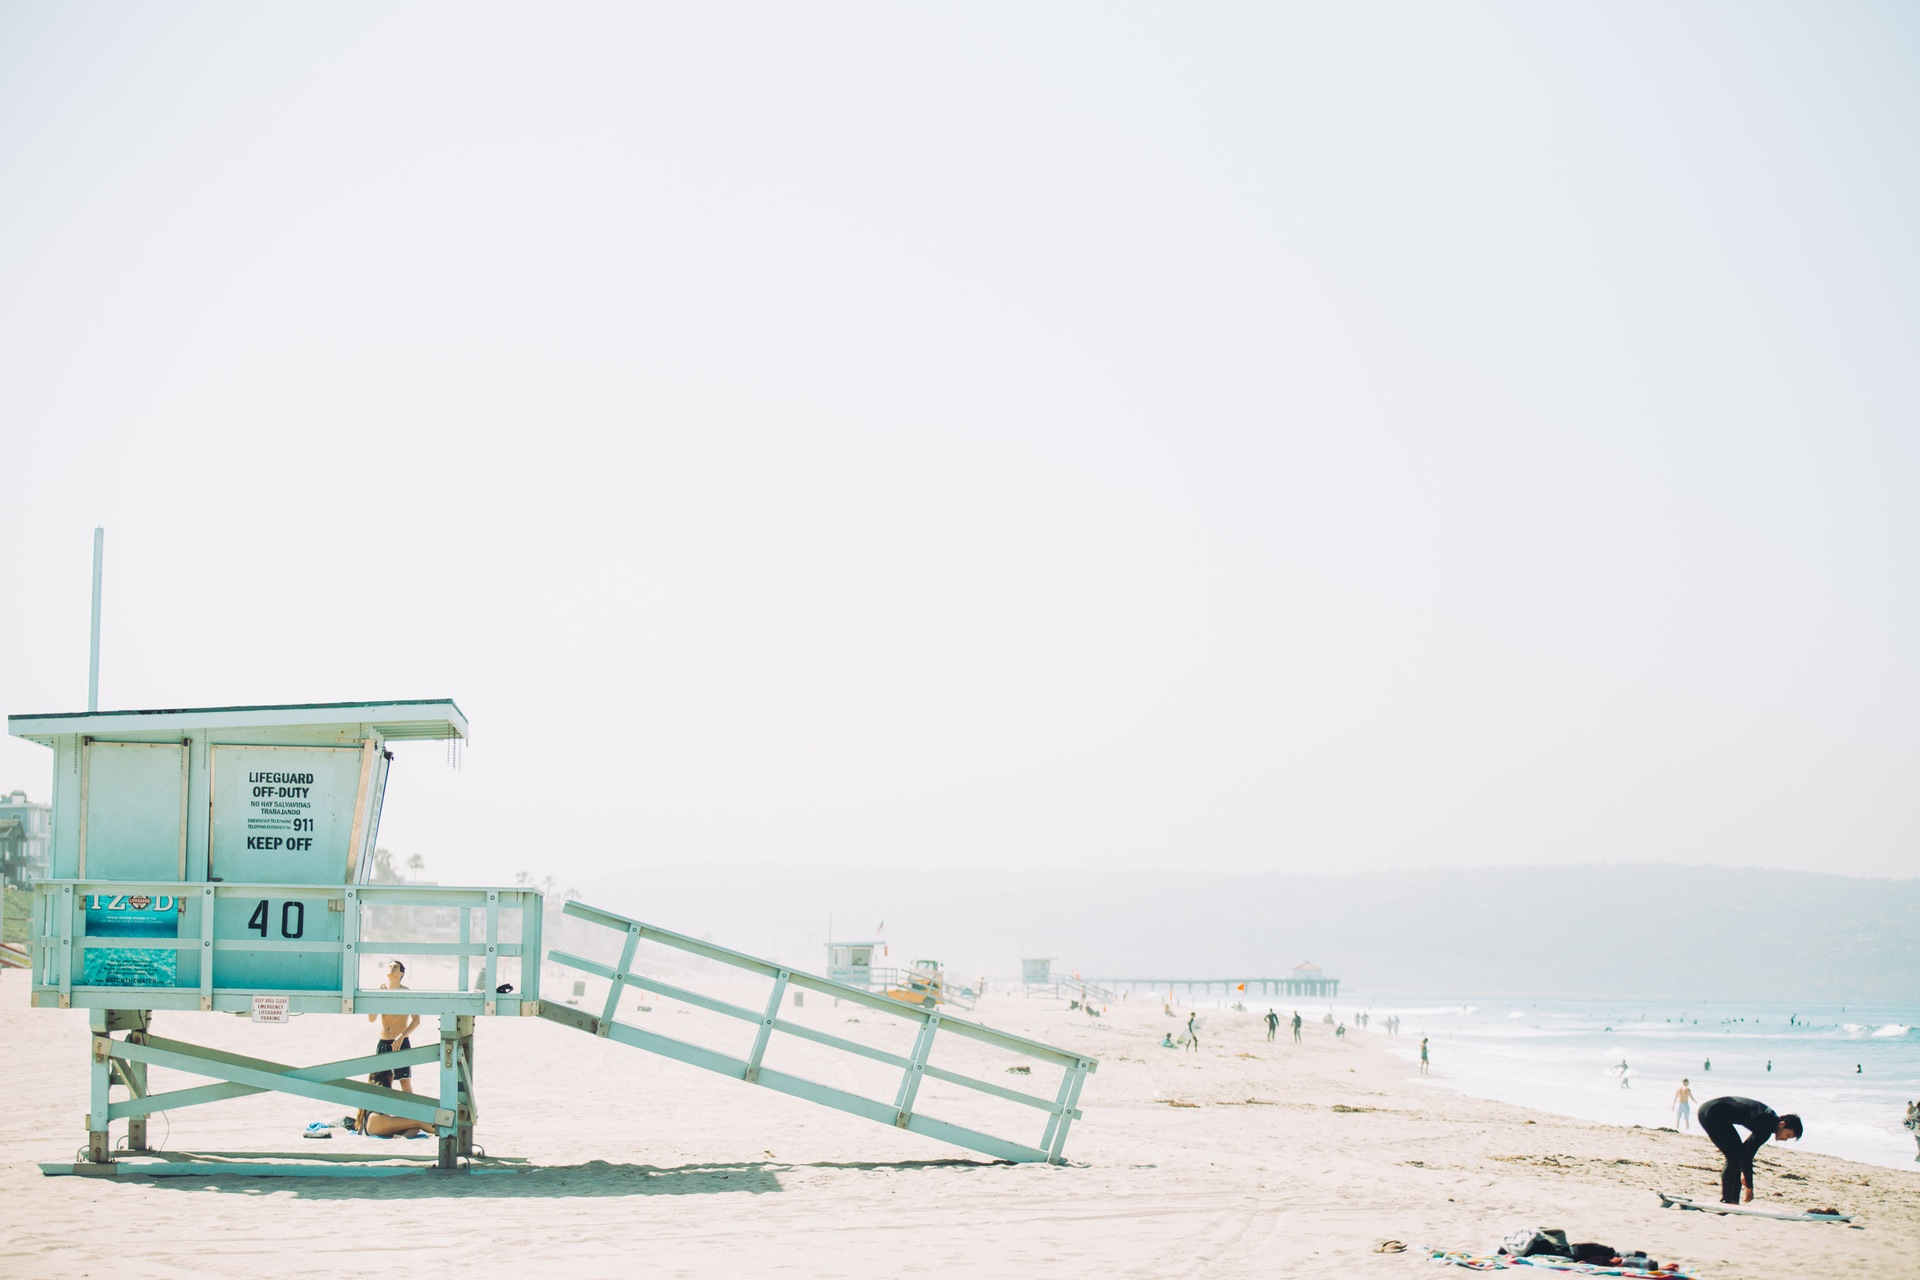 playa, arena, vigilante, torre, salvavidas, mar - Fondos de Pantalla HD - professor-falken.com